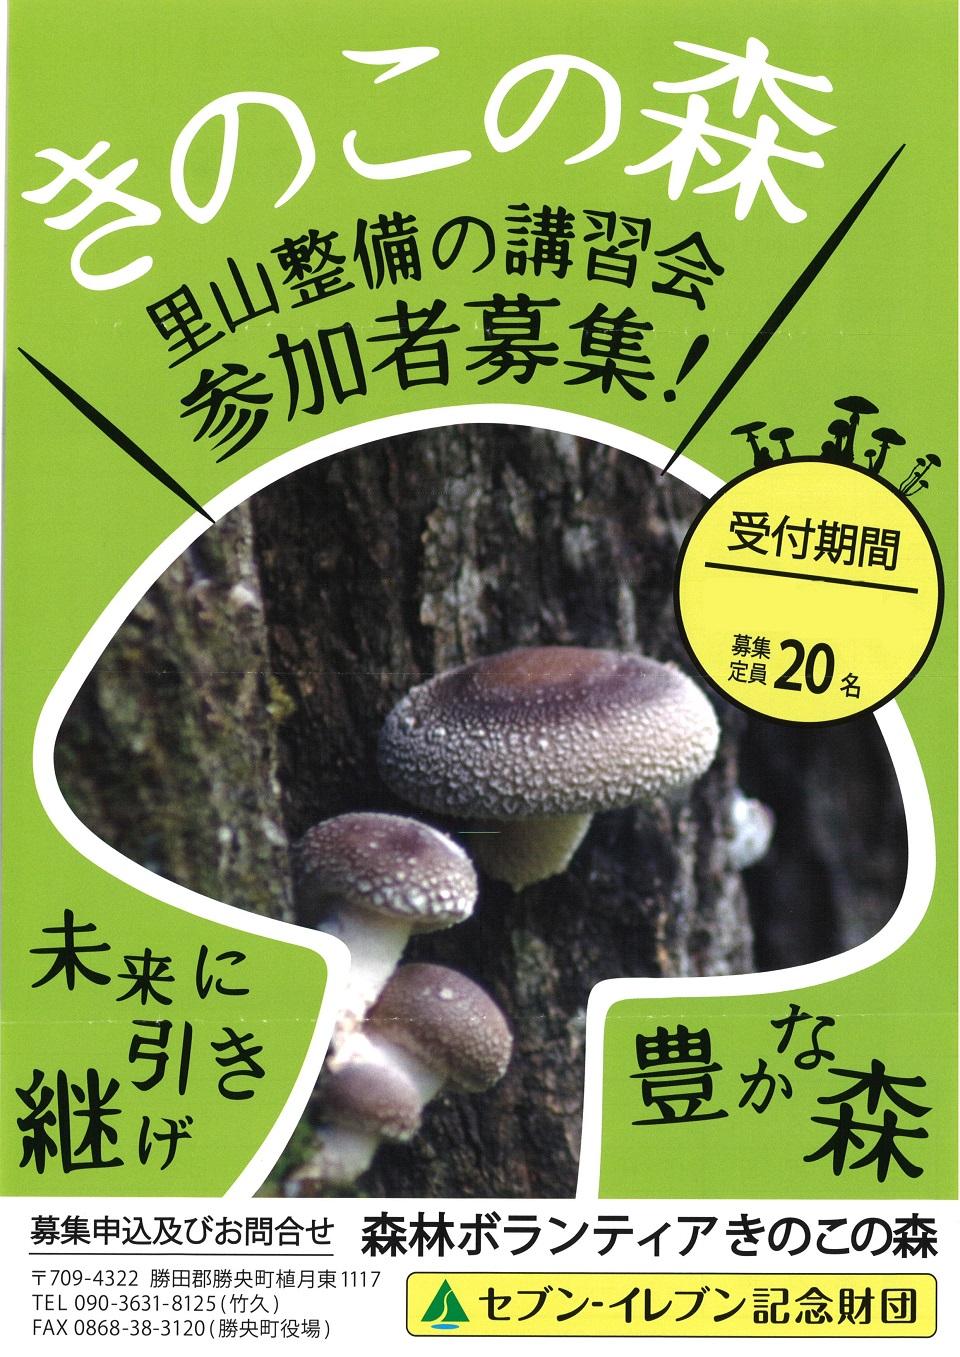 「きのこの森」から「プレーパーク」、そして「花見山公園」へ~竹久会長の森の整備にかける熱い思い~